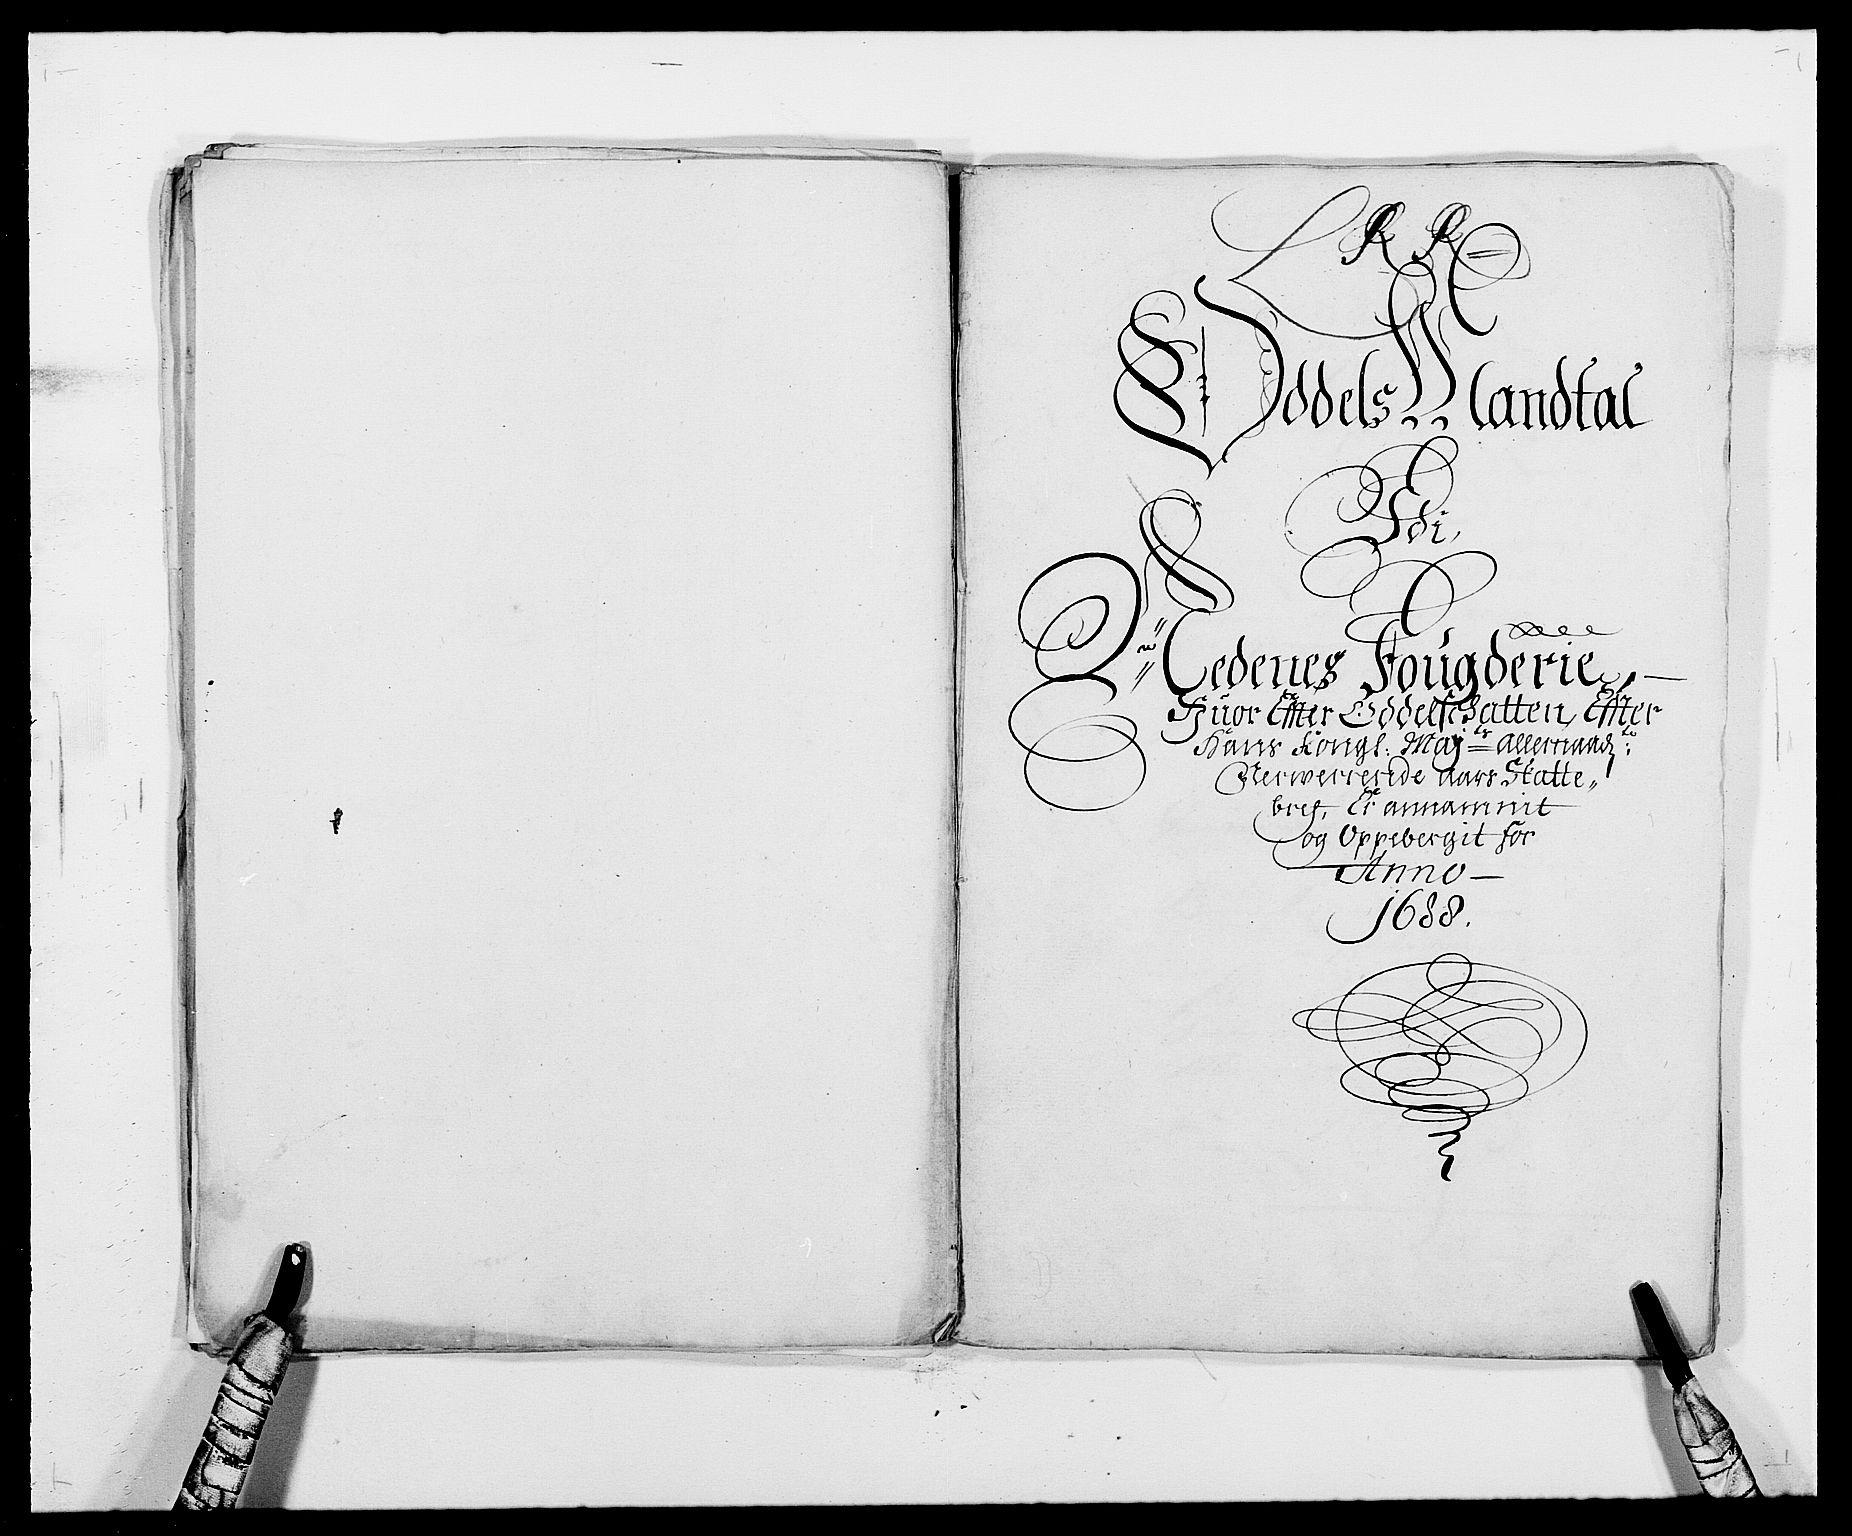 RA, Rentekammeret inntil 1814, Reviderte regnskaper, Fogderegnskap, R39/L2309: Fogderegnskap Nedenes, 1684-1689, s. 160